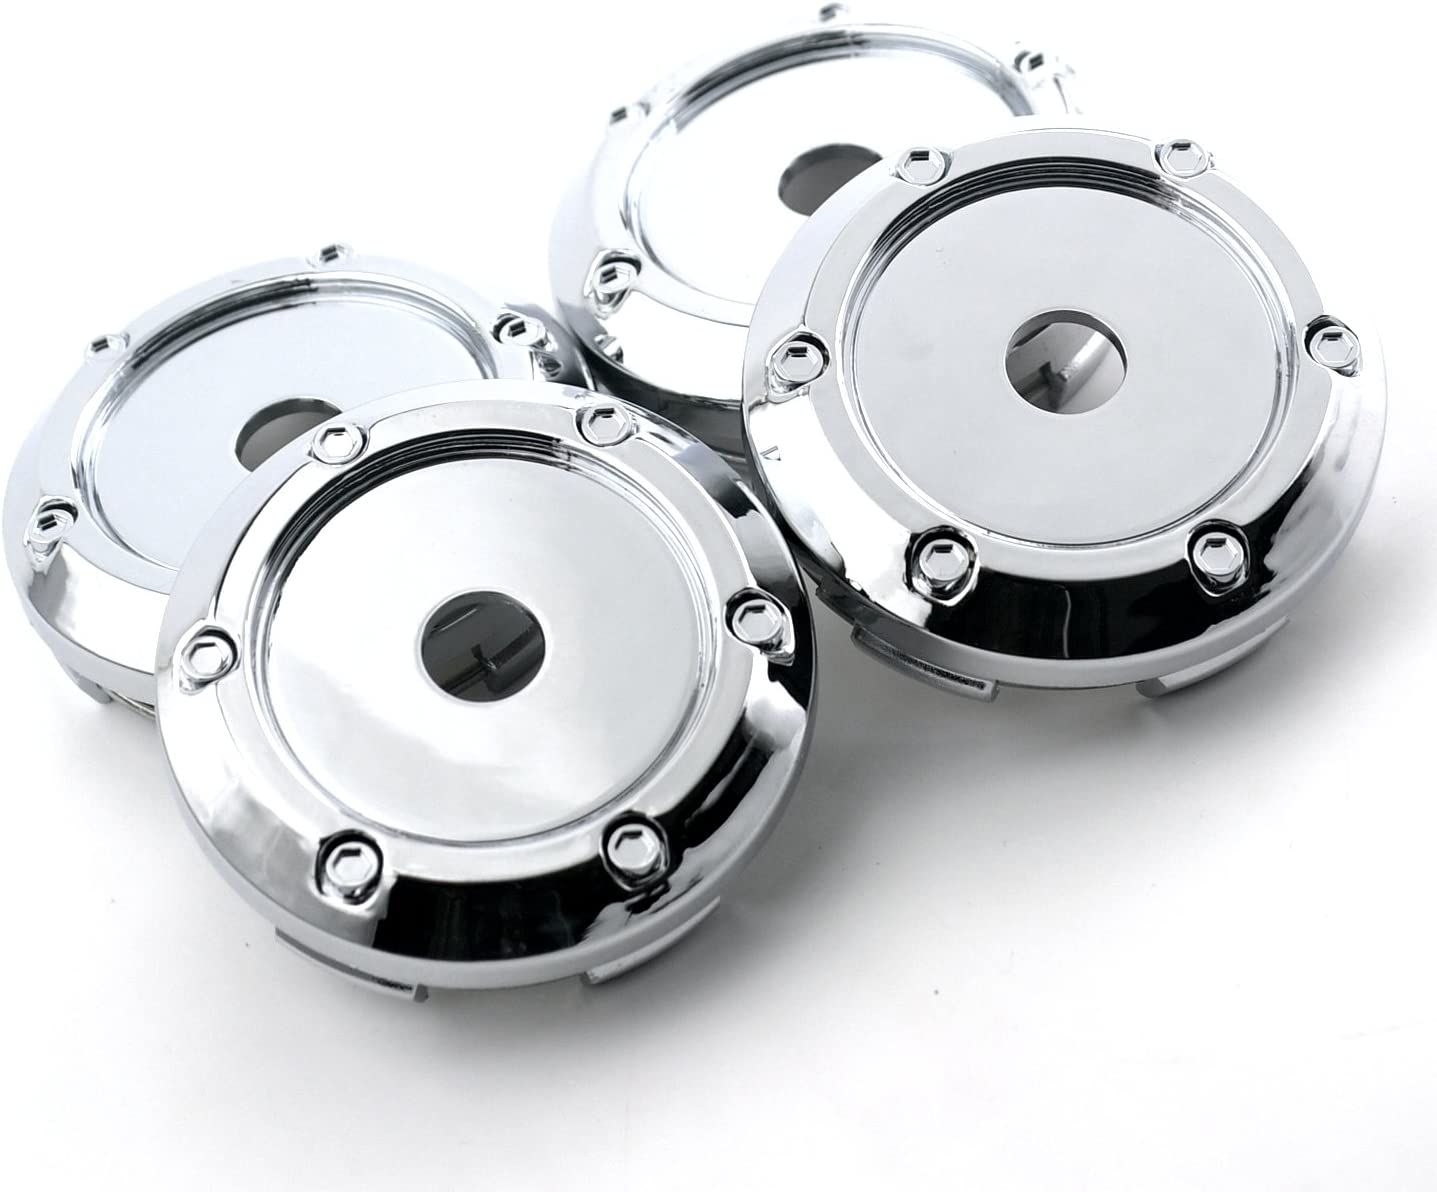 //66mm 3.05in 2.6in Wheel Center Hub Caps 4 pcs Chrome Black for Blazer #15661030 78mm